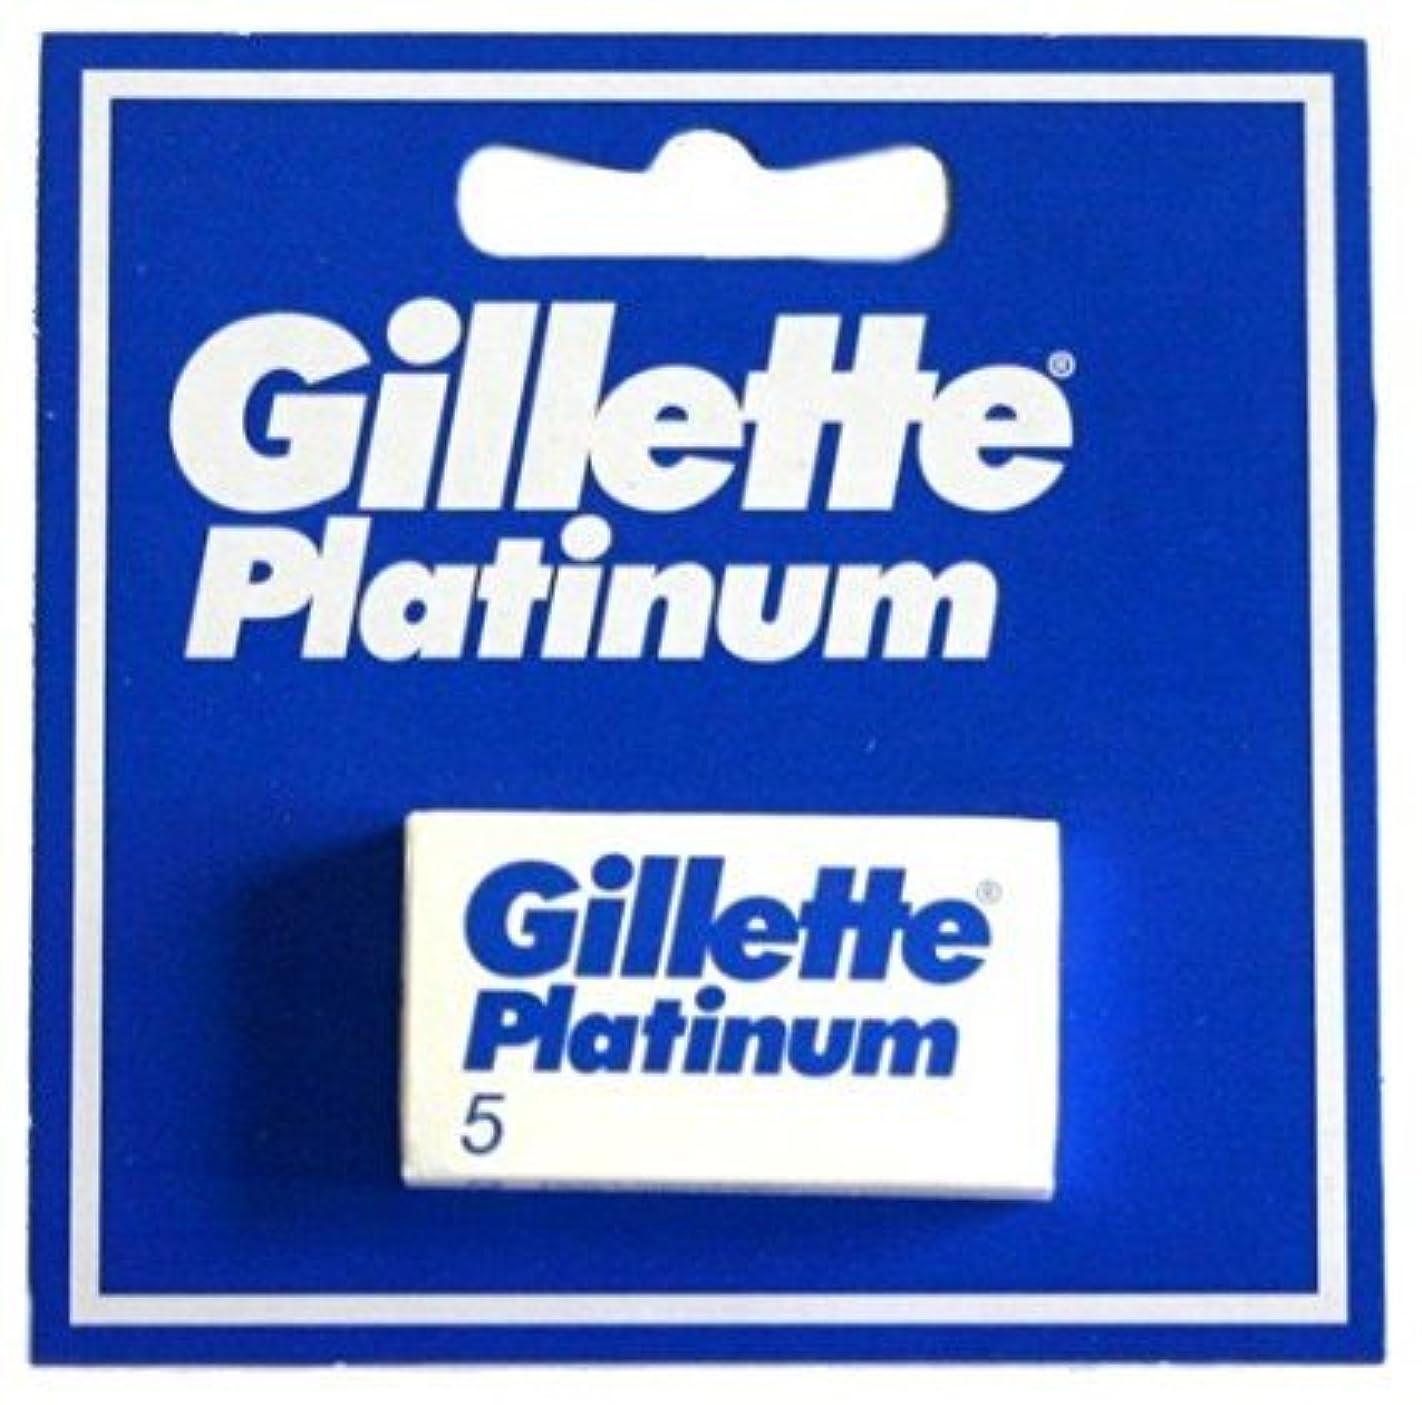 習字鏡補うGillette Platinum [プレミアムホワイトボックス版!] ジレット プラチナ 両刃替刃 20個入り (5*4) [海外直送品] [並行輸入品]